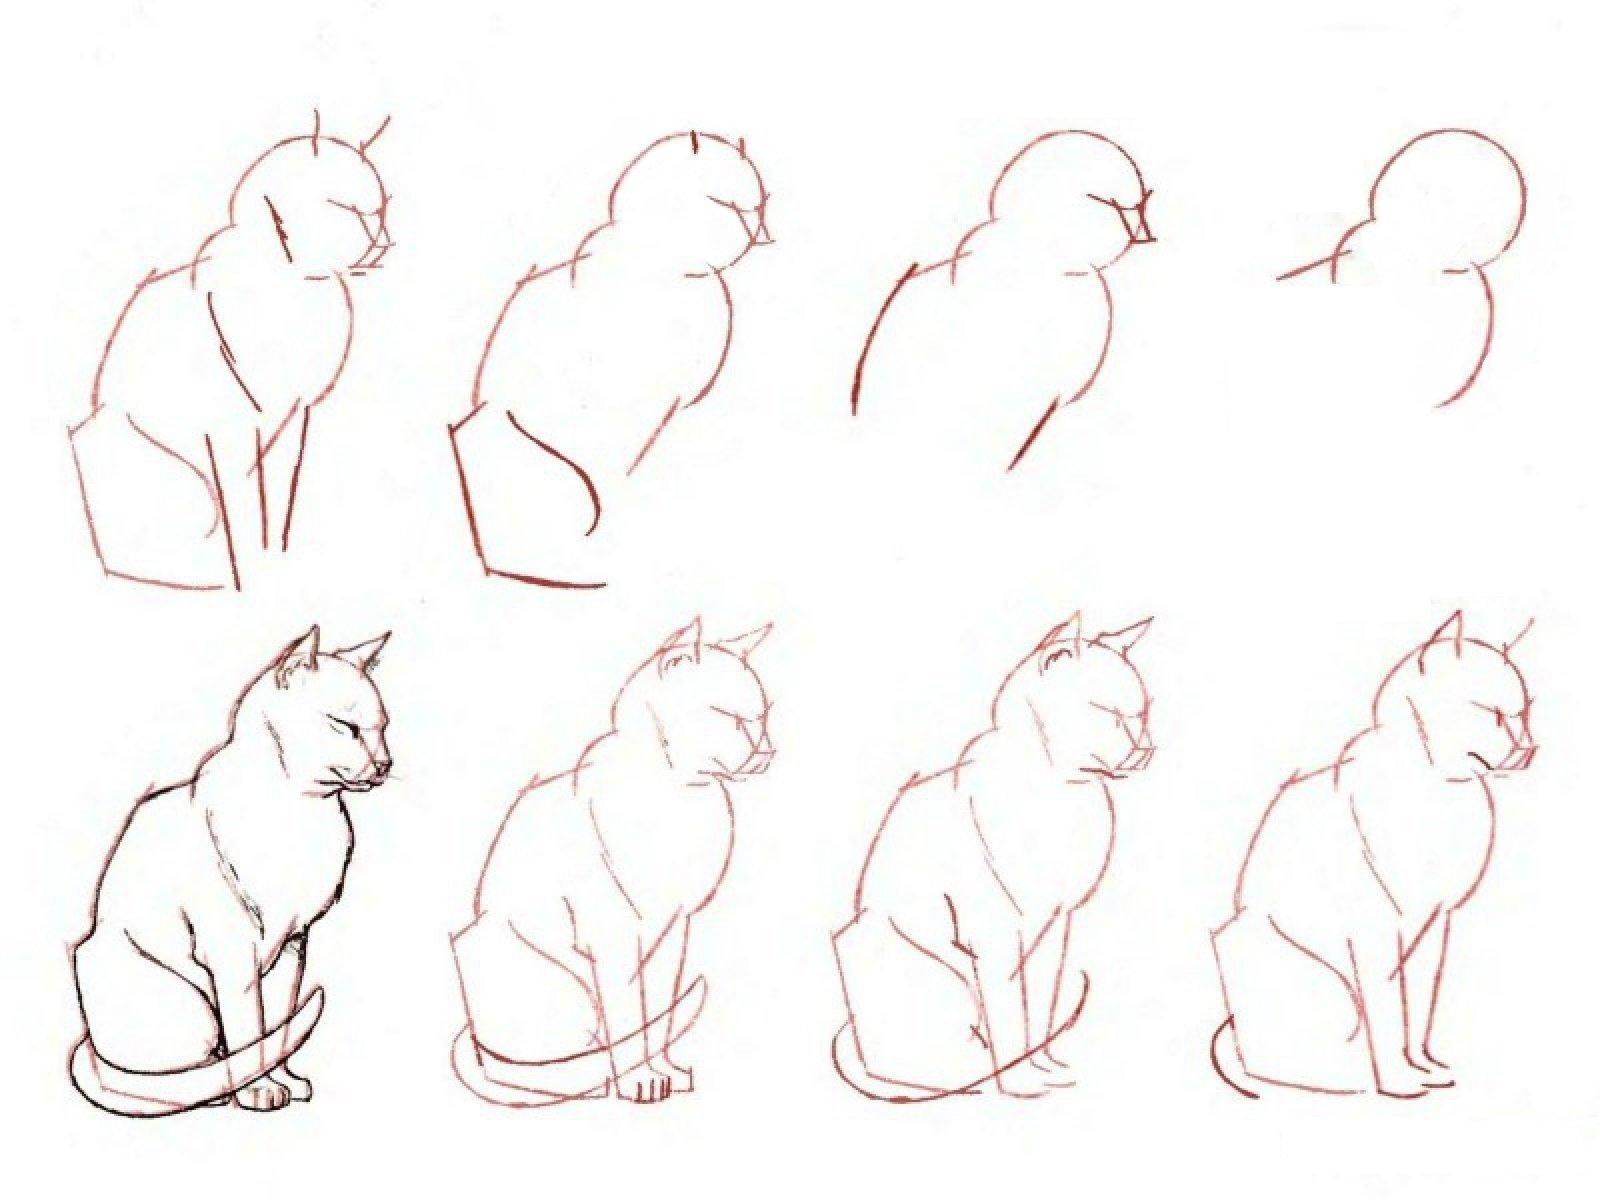 выигрышно коты картинки поэтапно для сегодня считается